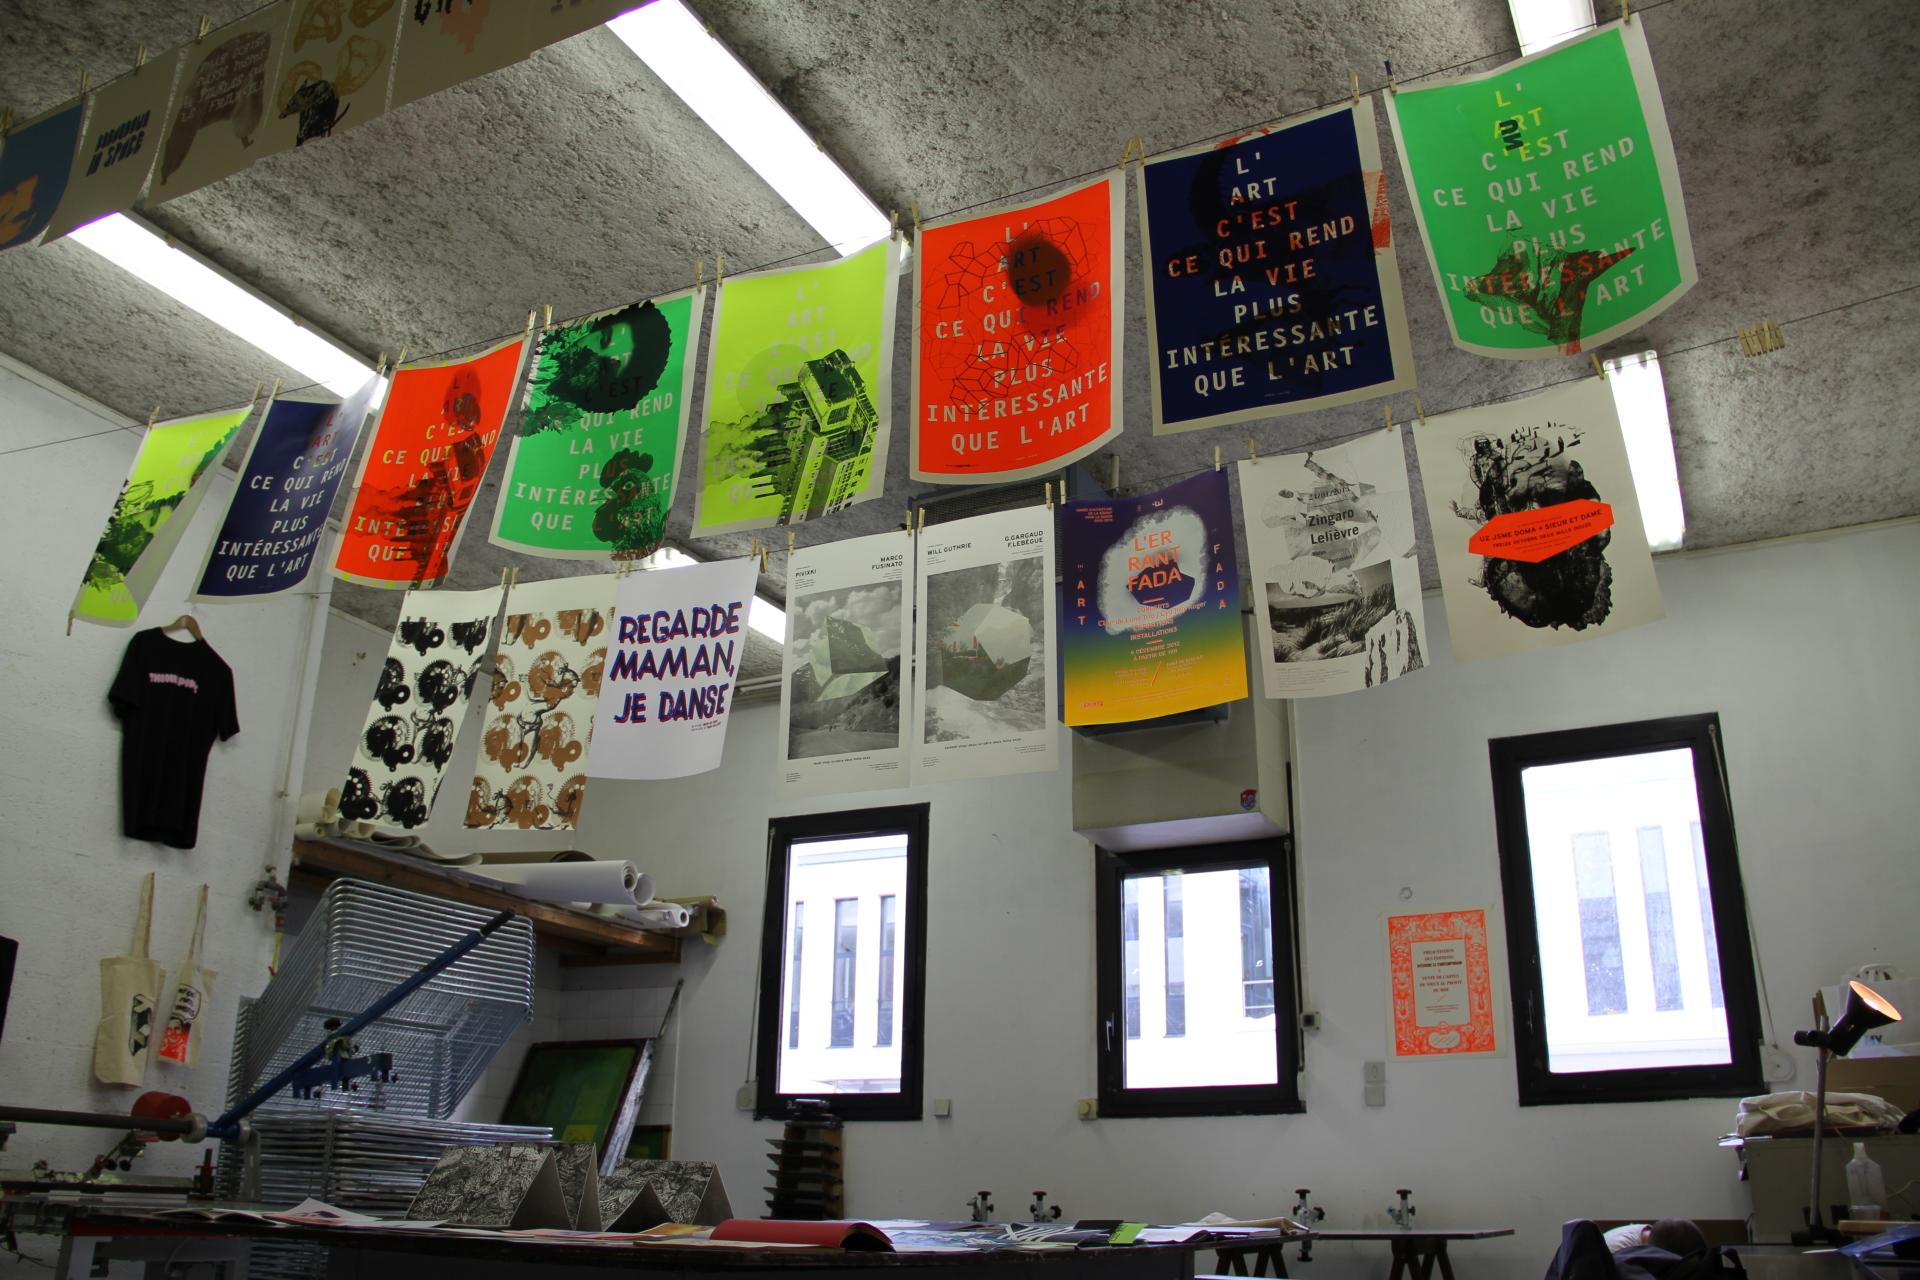 Graphic Design Studio at ESADHaR